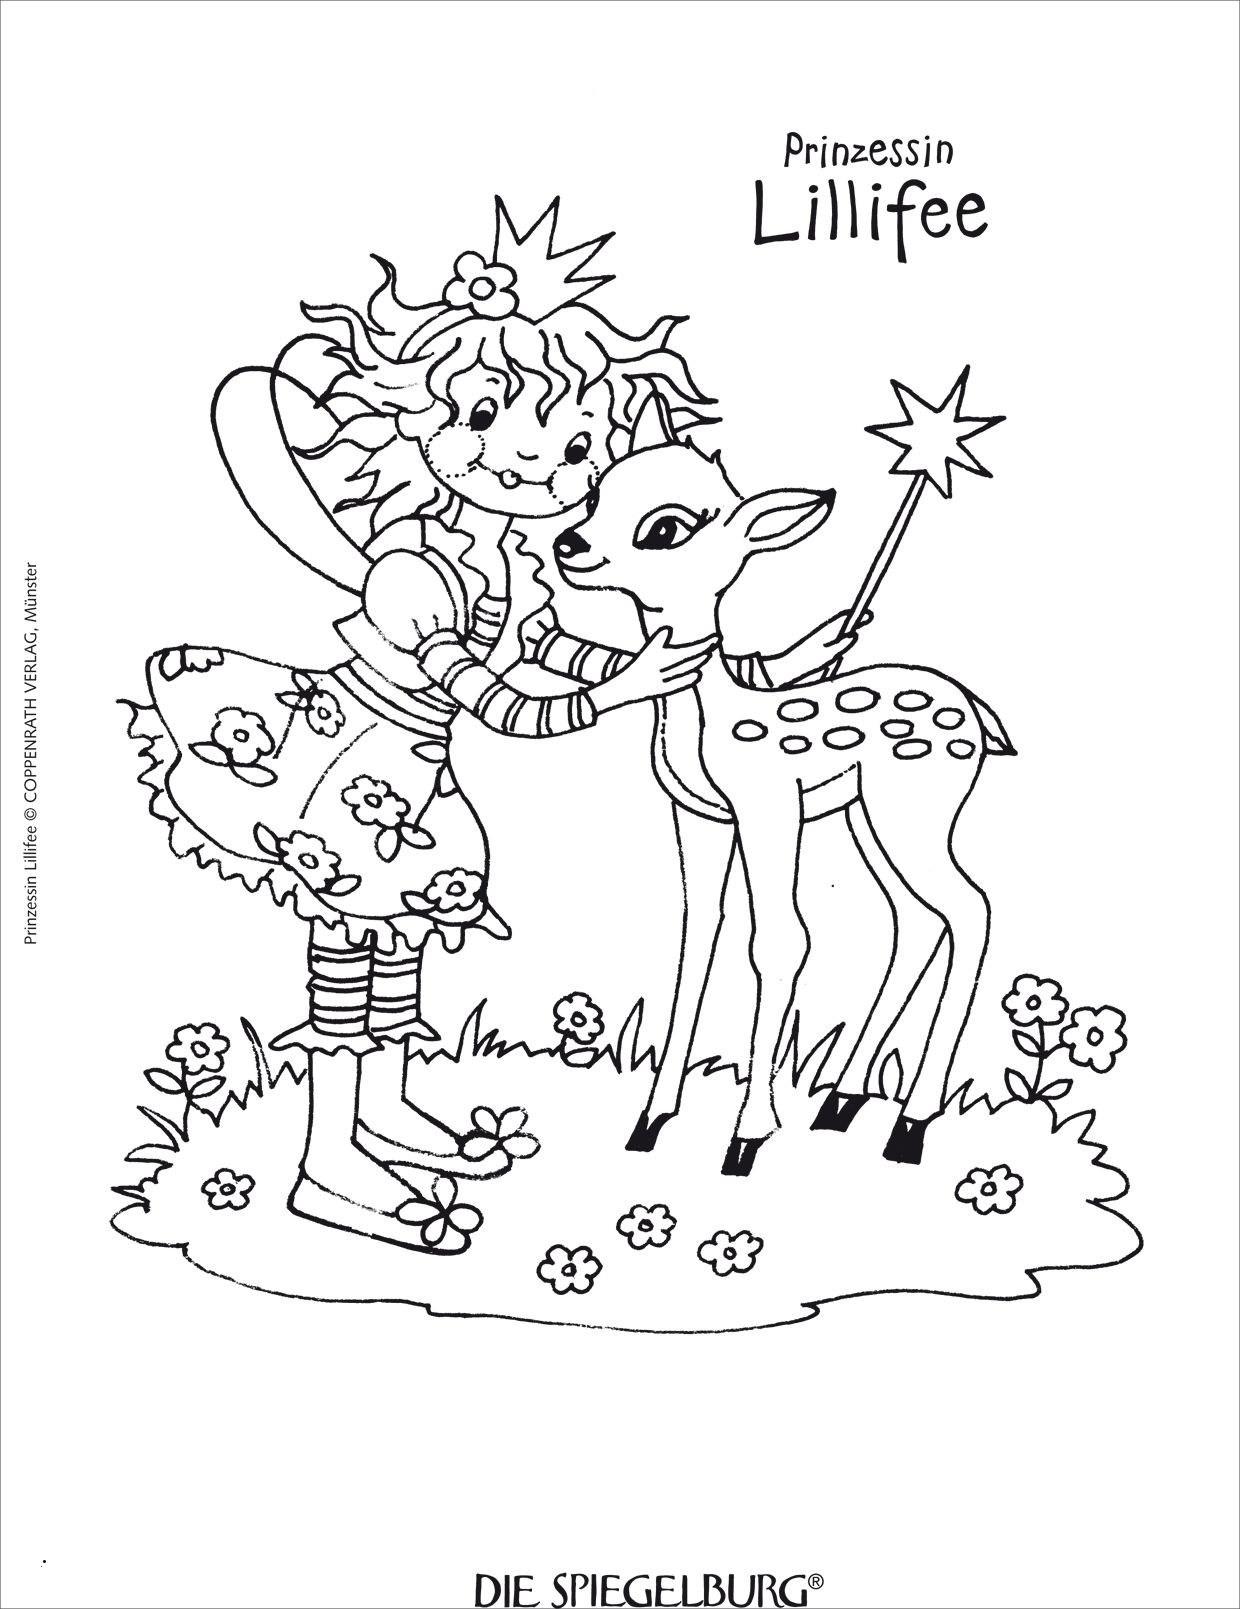 Malvorlagen Prinzessin Lillifee Genial 52 Idee Malvorlagen Prinzessin Lillifee Treehouse Nyc Galerie